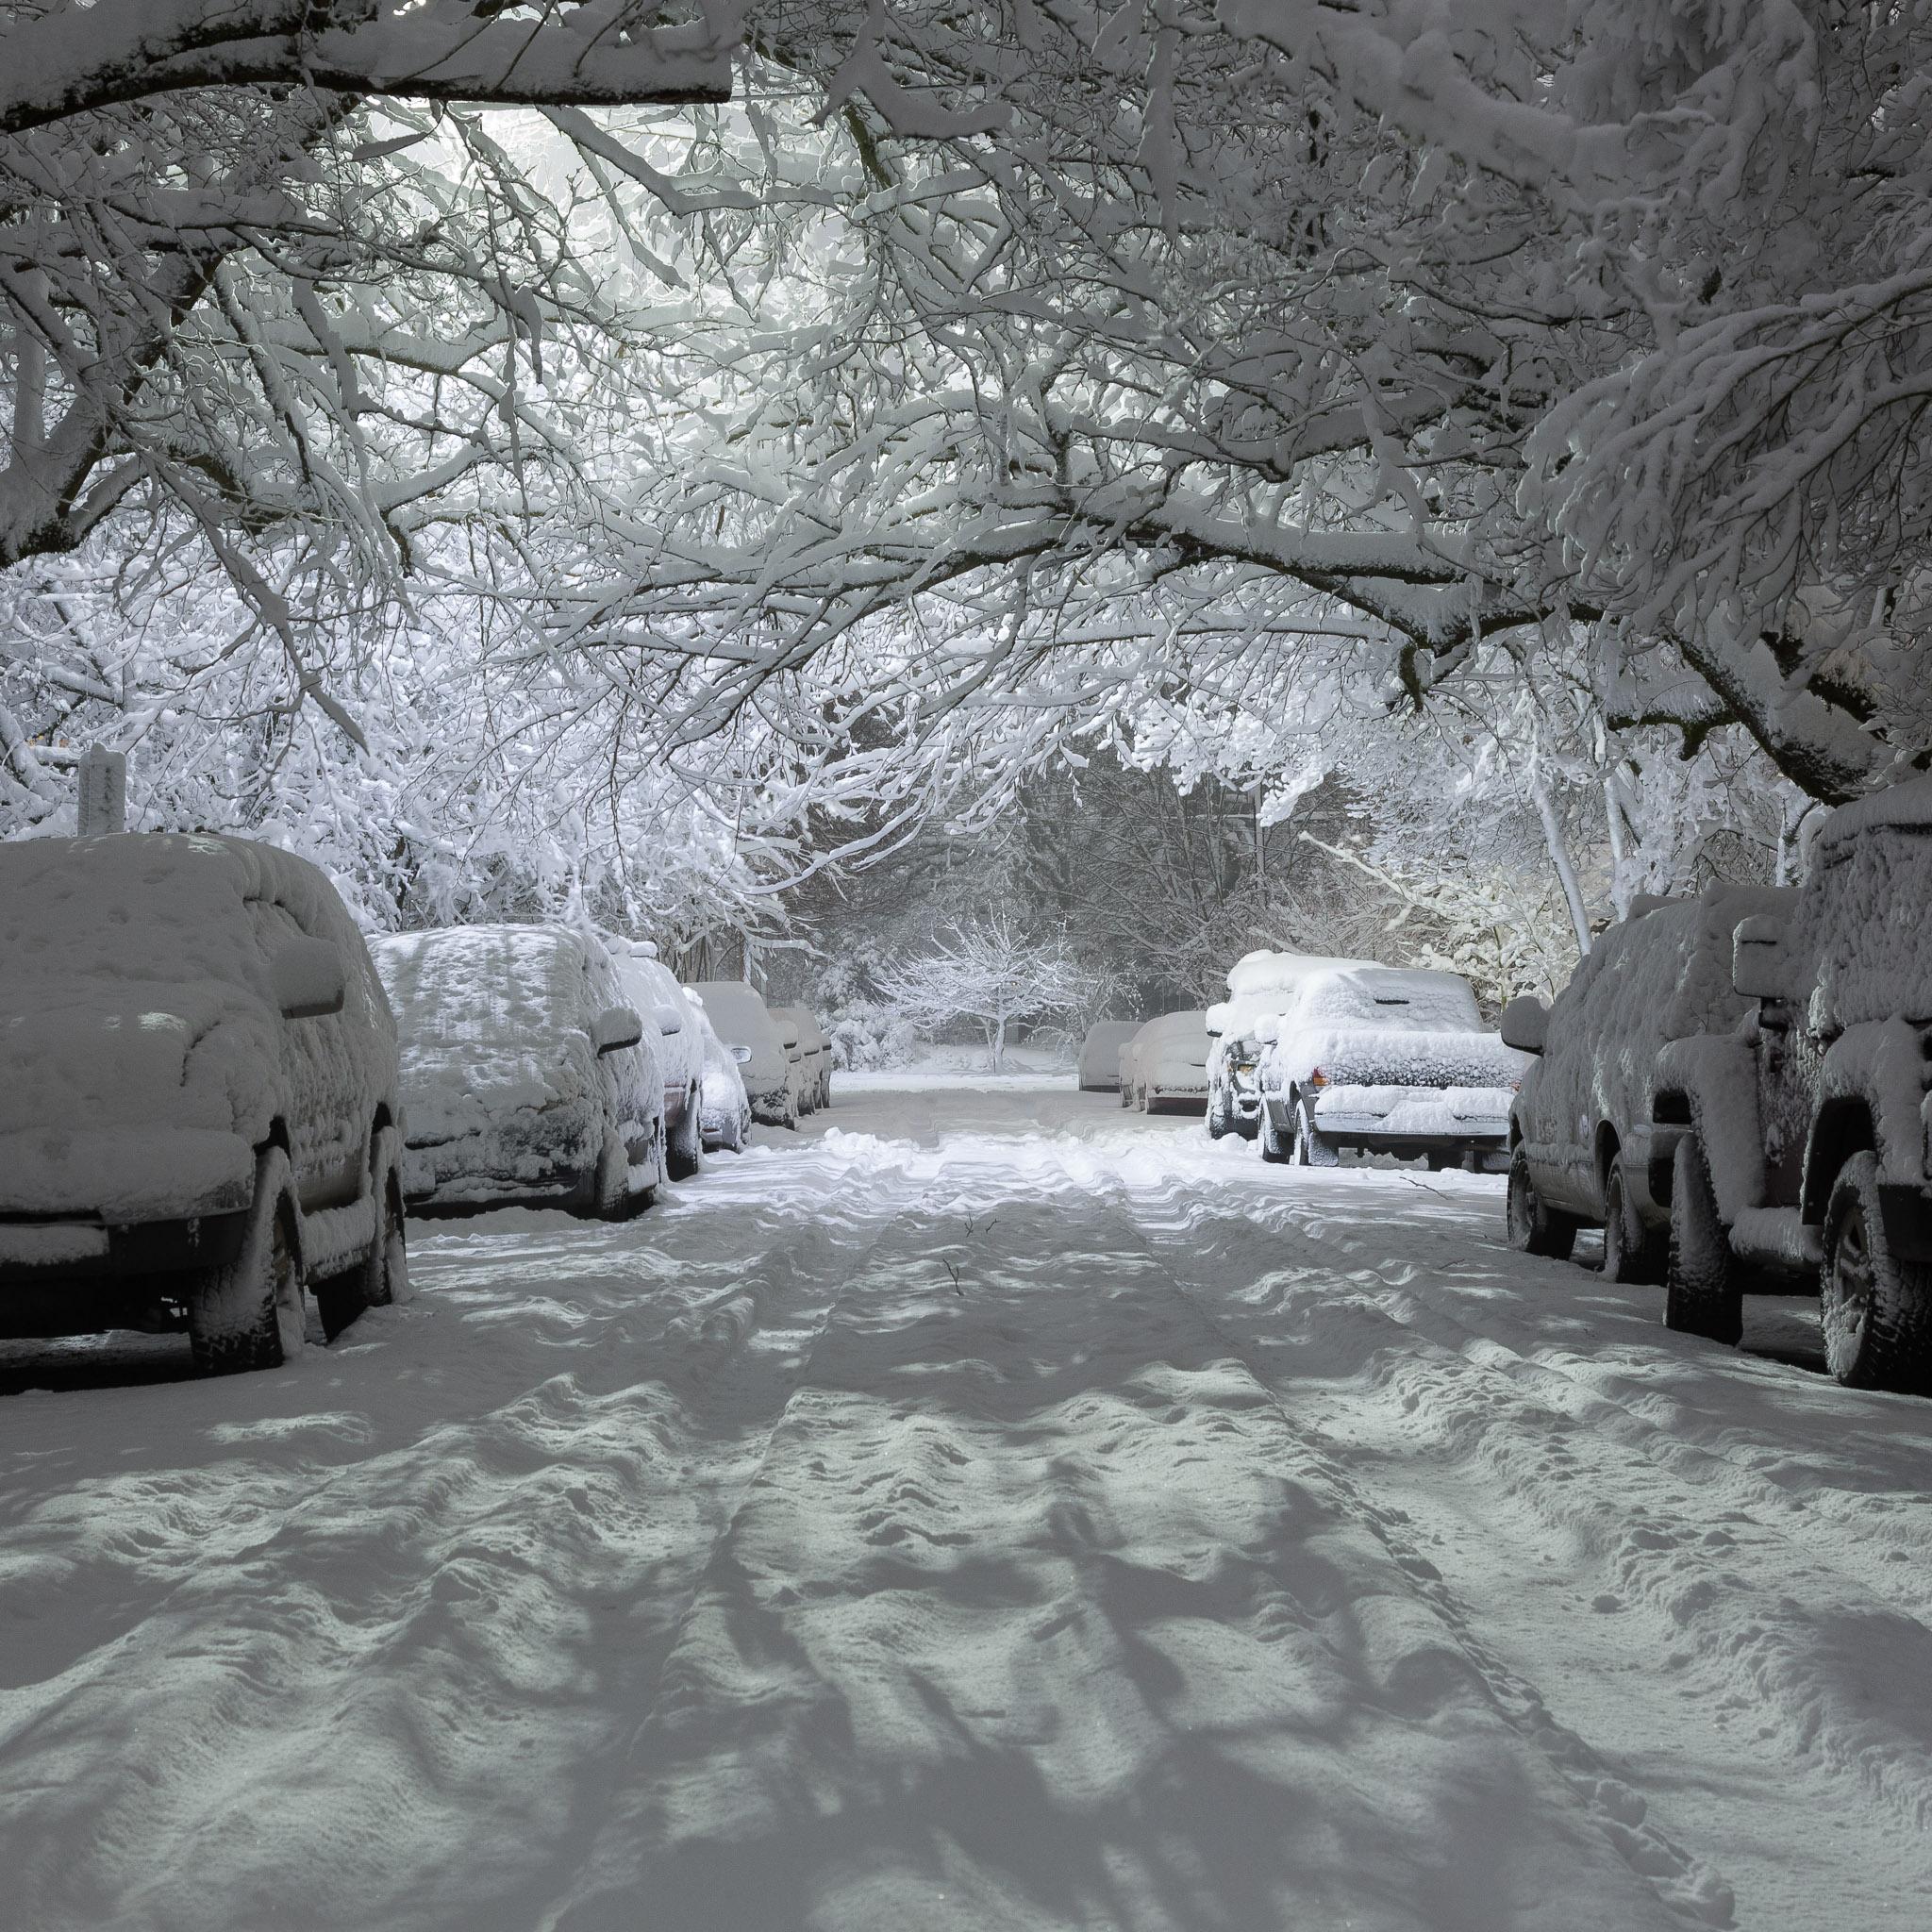 Snow night - photo by Matt Giraud